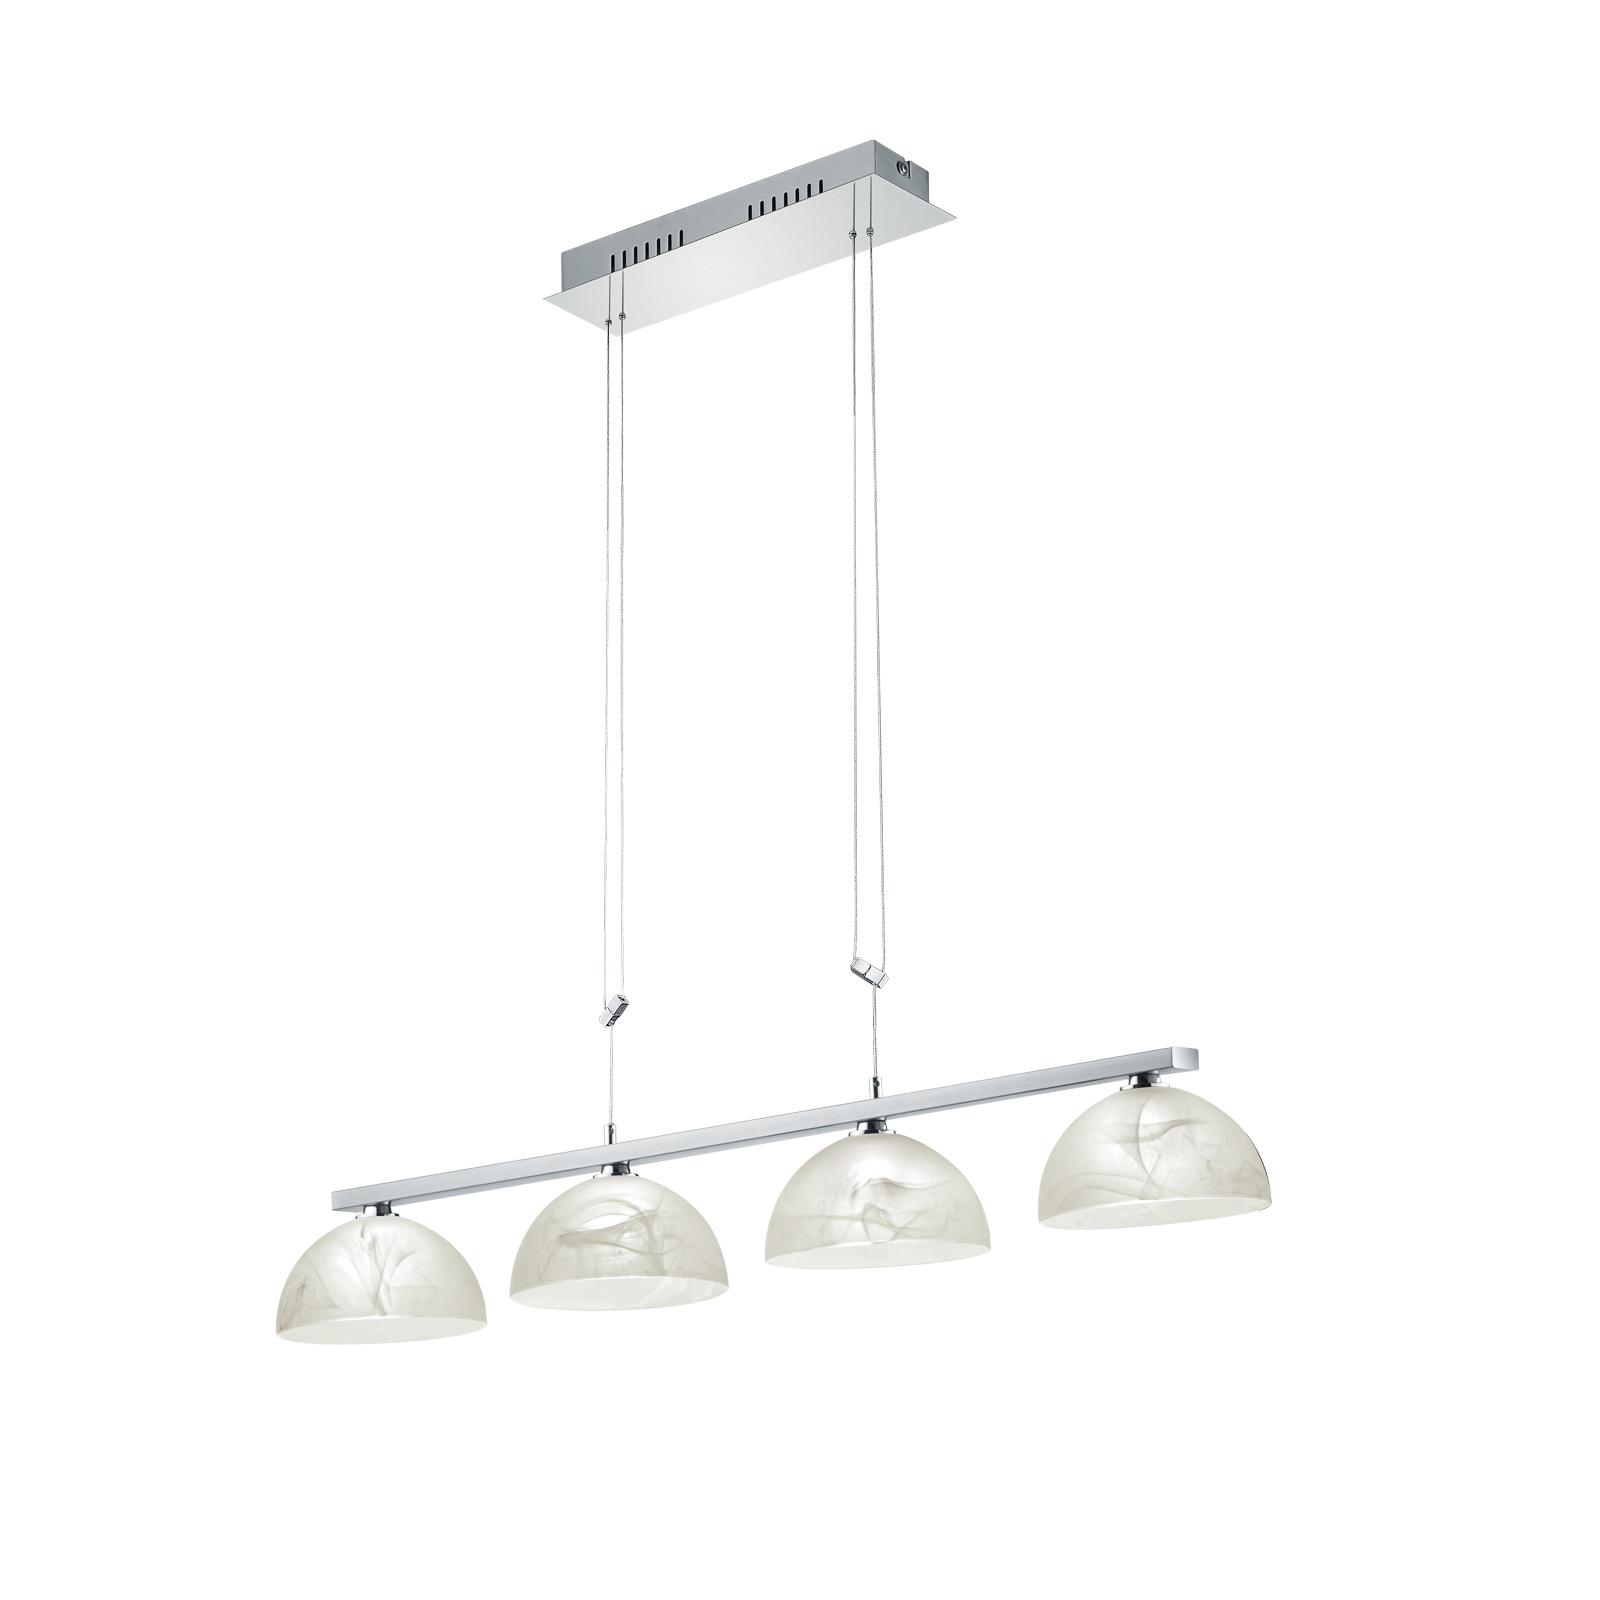 Suspension LED Ebro dimmable, hauteur réglable